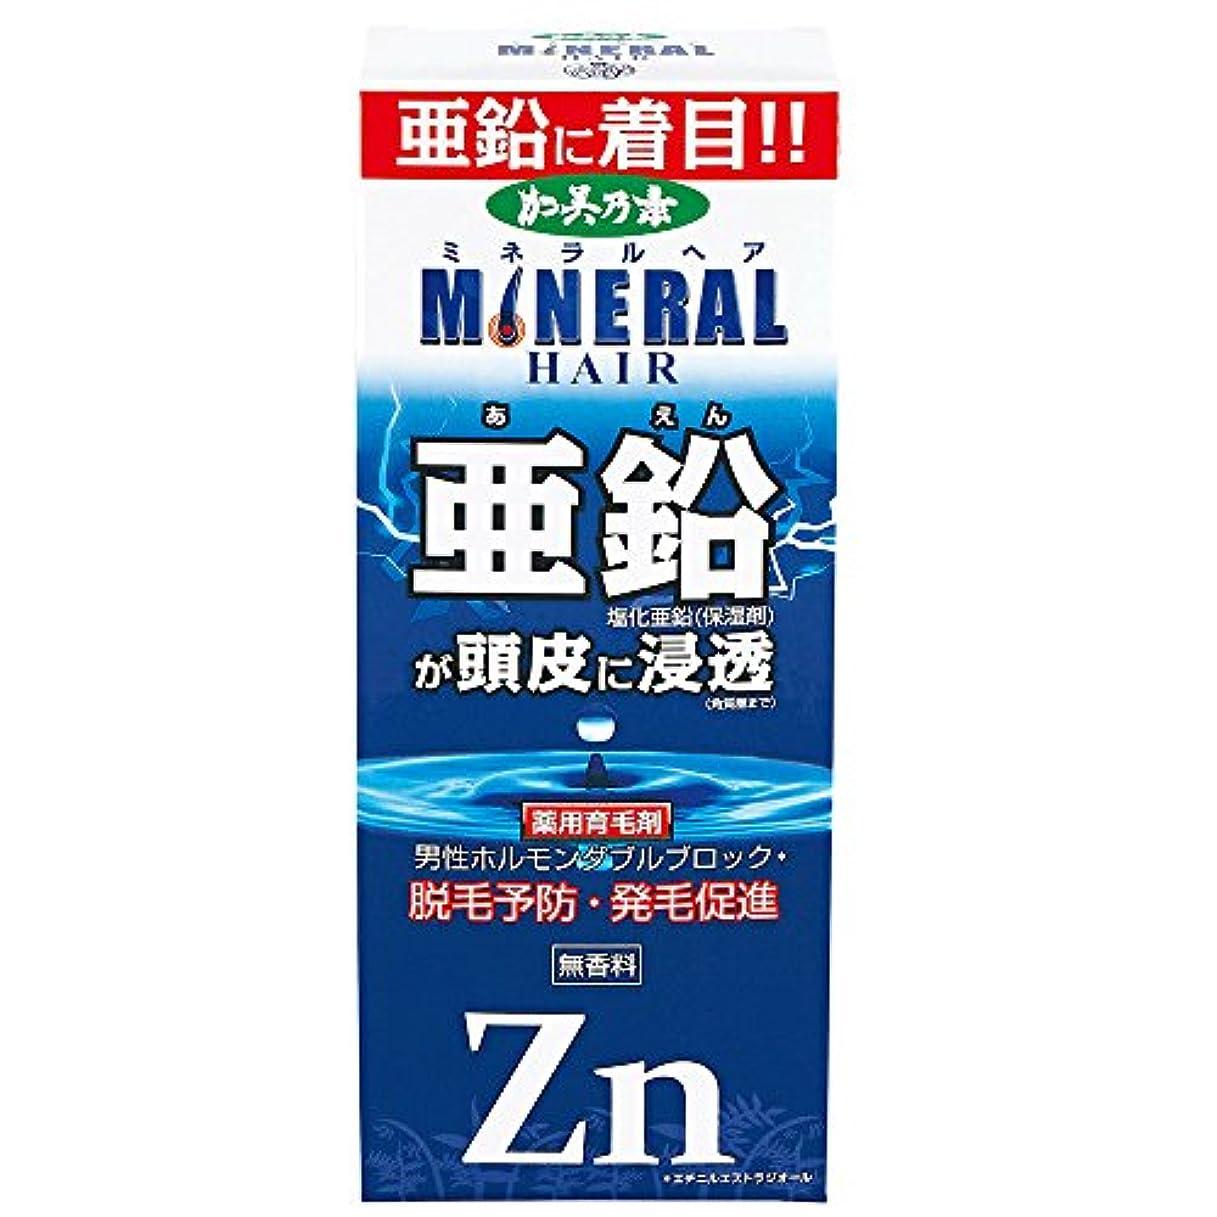 真面目な不均一ドーム薬用加美乃素 ミネラルヘア 育毛剤 180mL (医薬部外品)